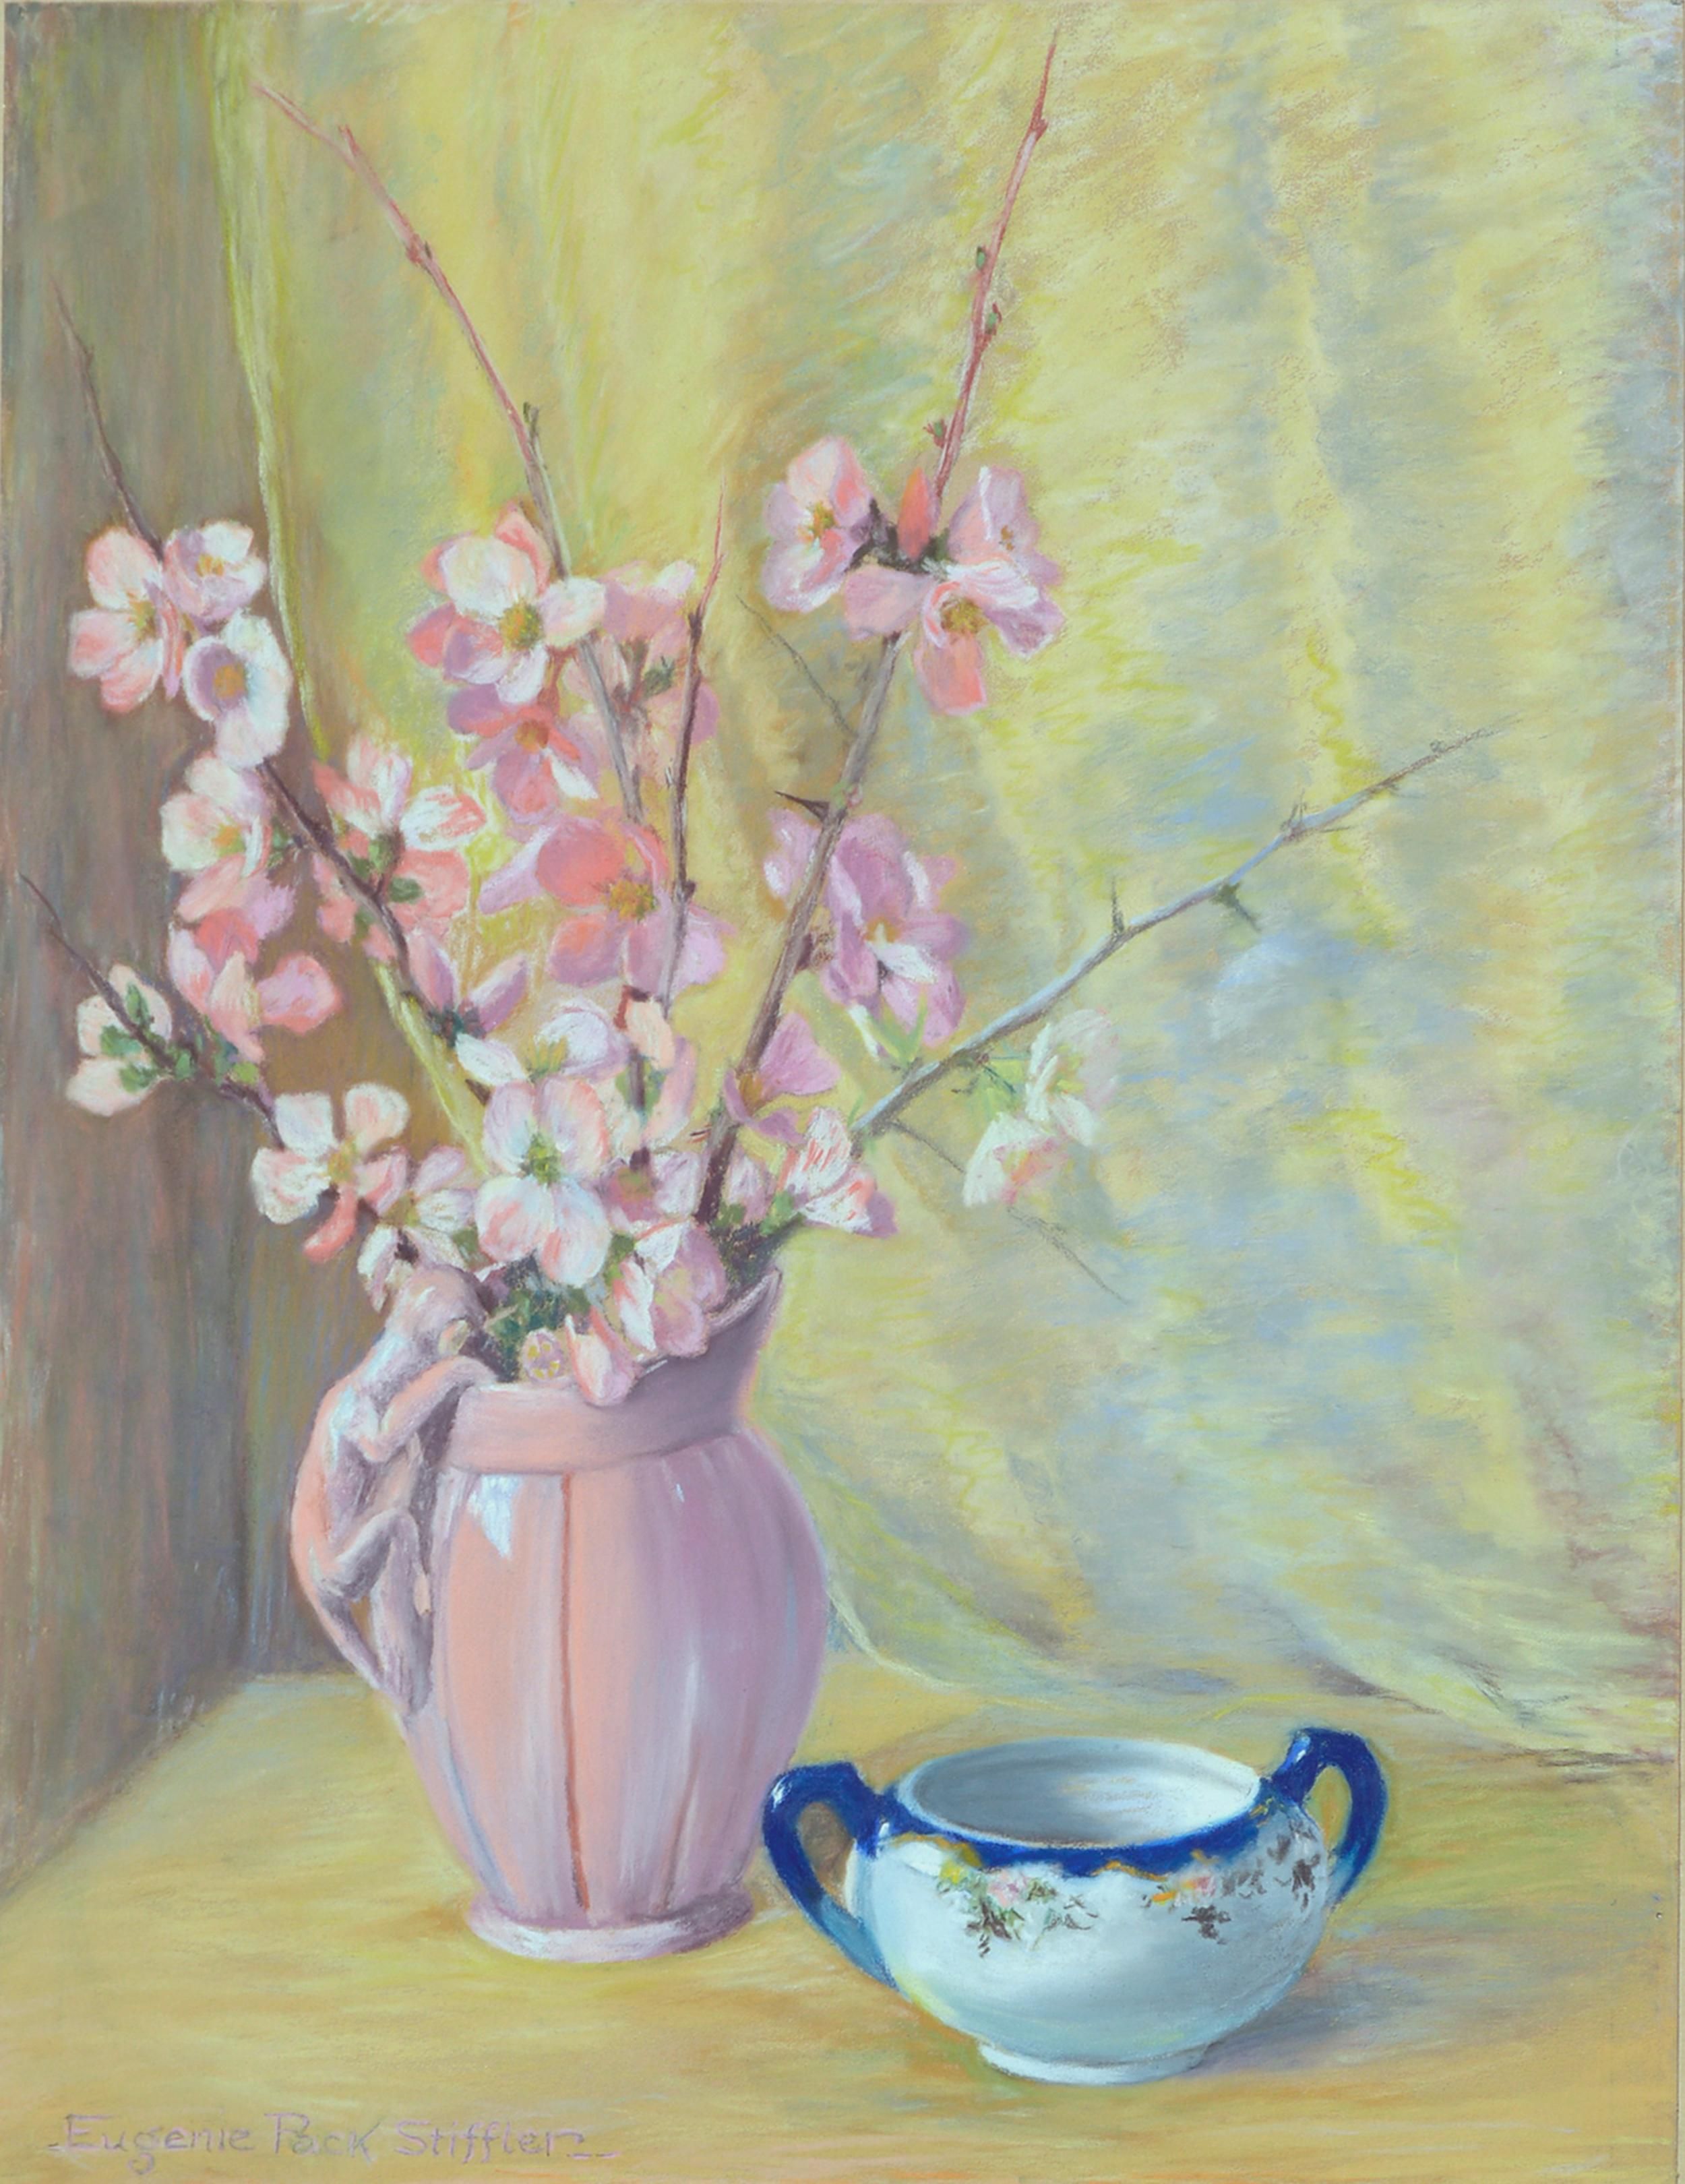 A Breath of Spring - Mid Century Floral Still Life